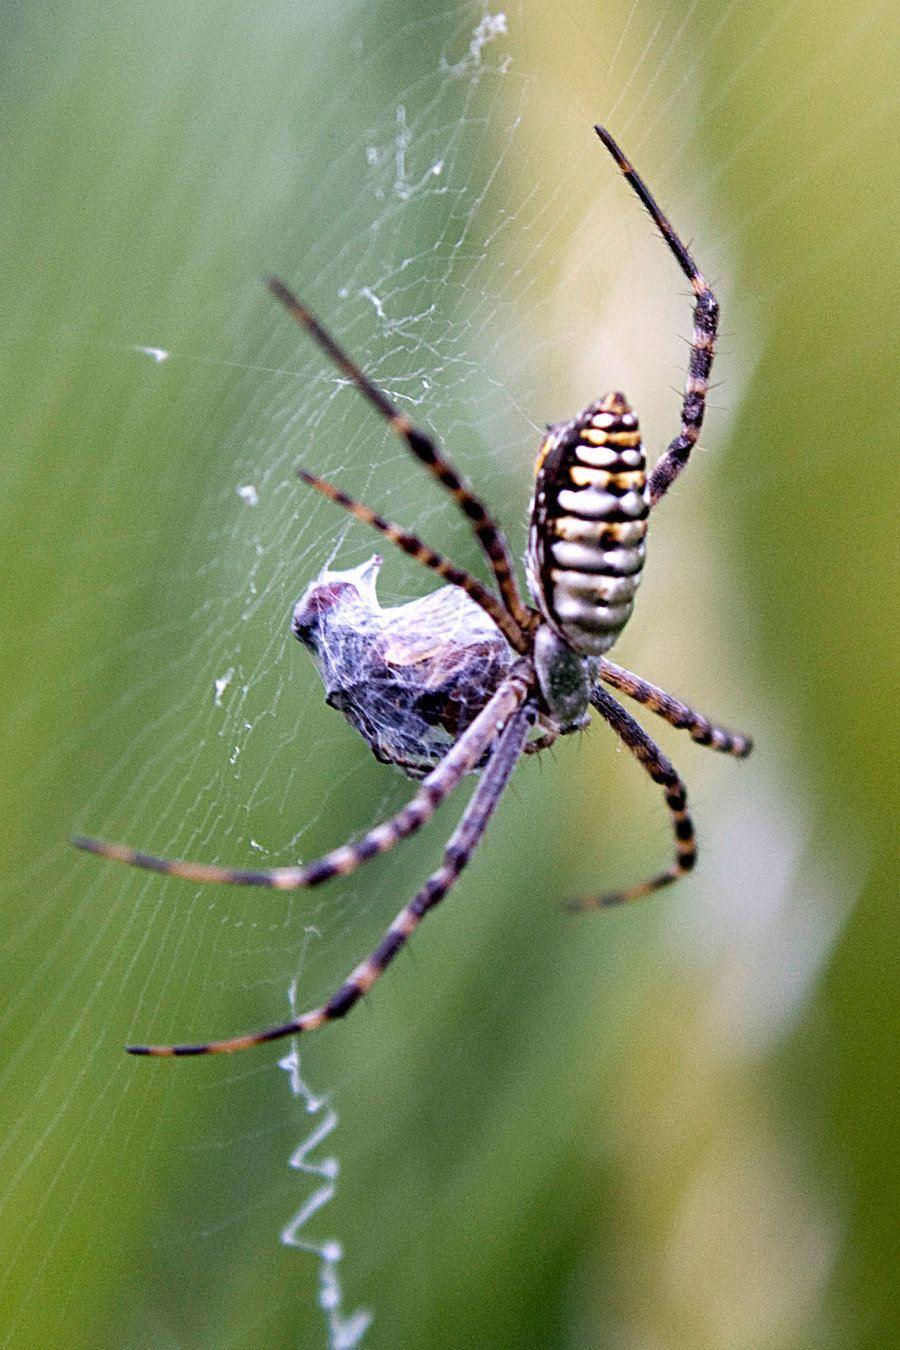 Significado de soñar con arañas | Esoterismos.com